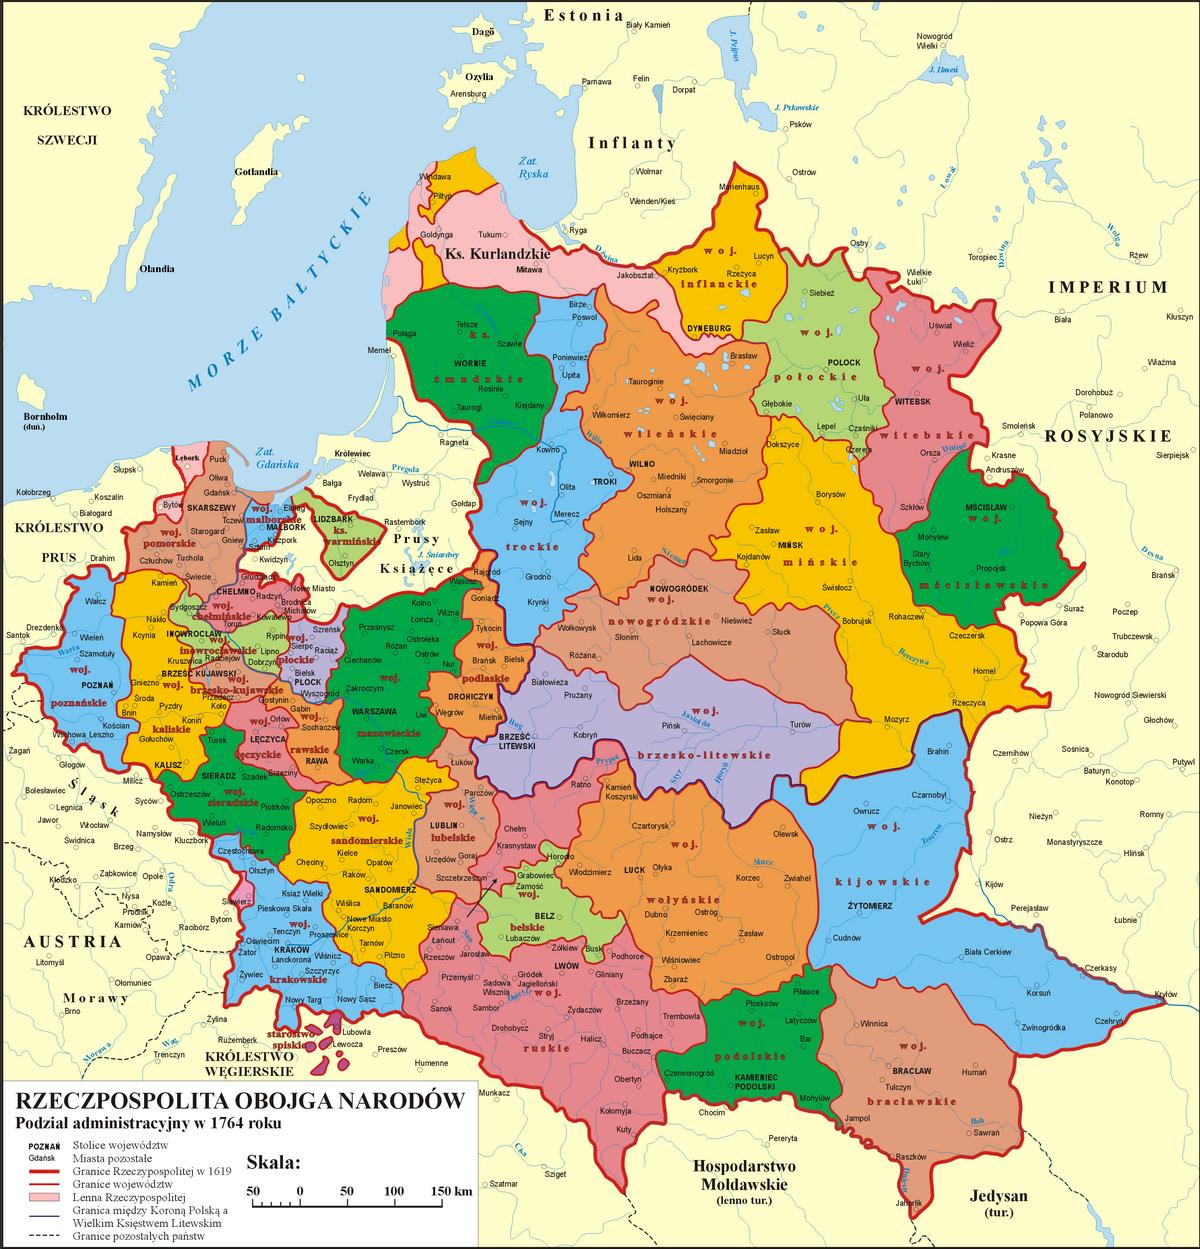 Rozmowa z Tadeuszem Majdą, turkologiem, o stosunkach polsko-tureckich na przestrzeni wieków